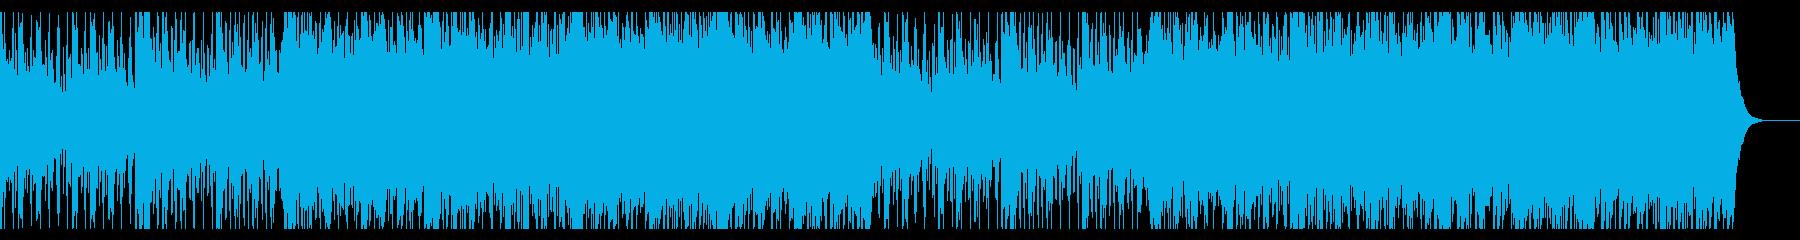 挑戦心をイメージしたクールなピアノハウスの再生済みの波形